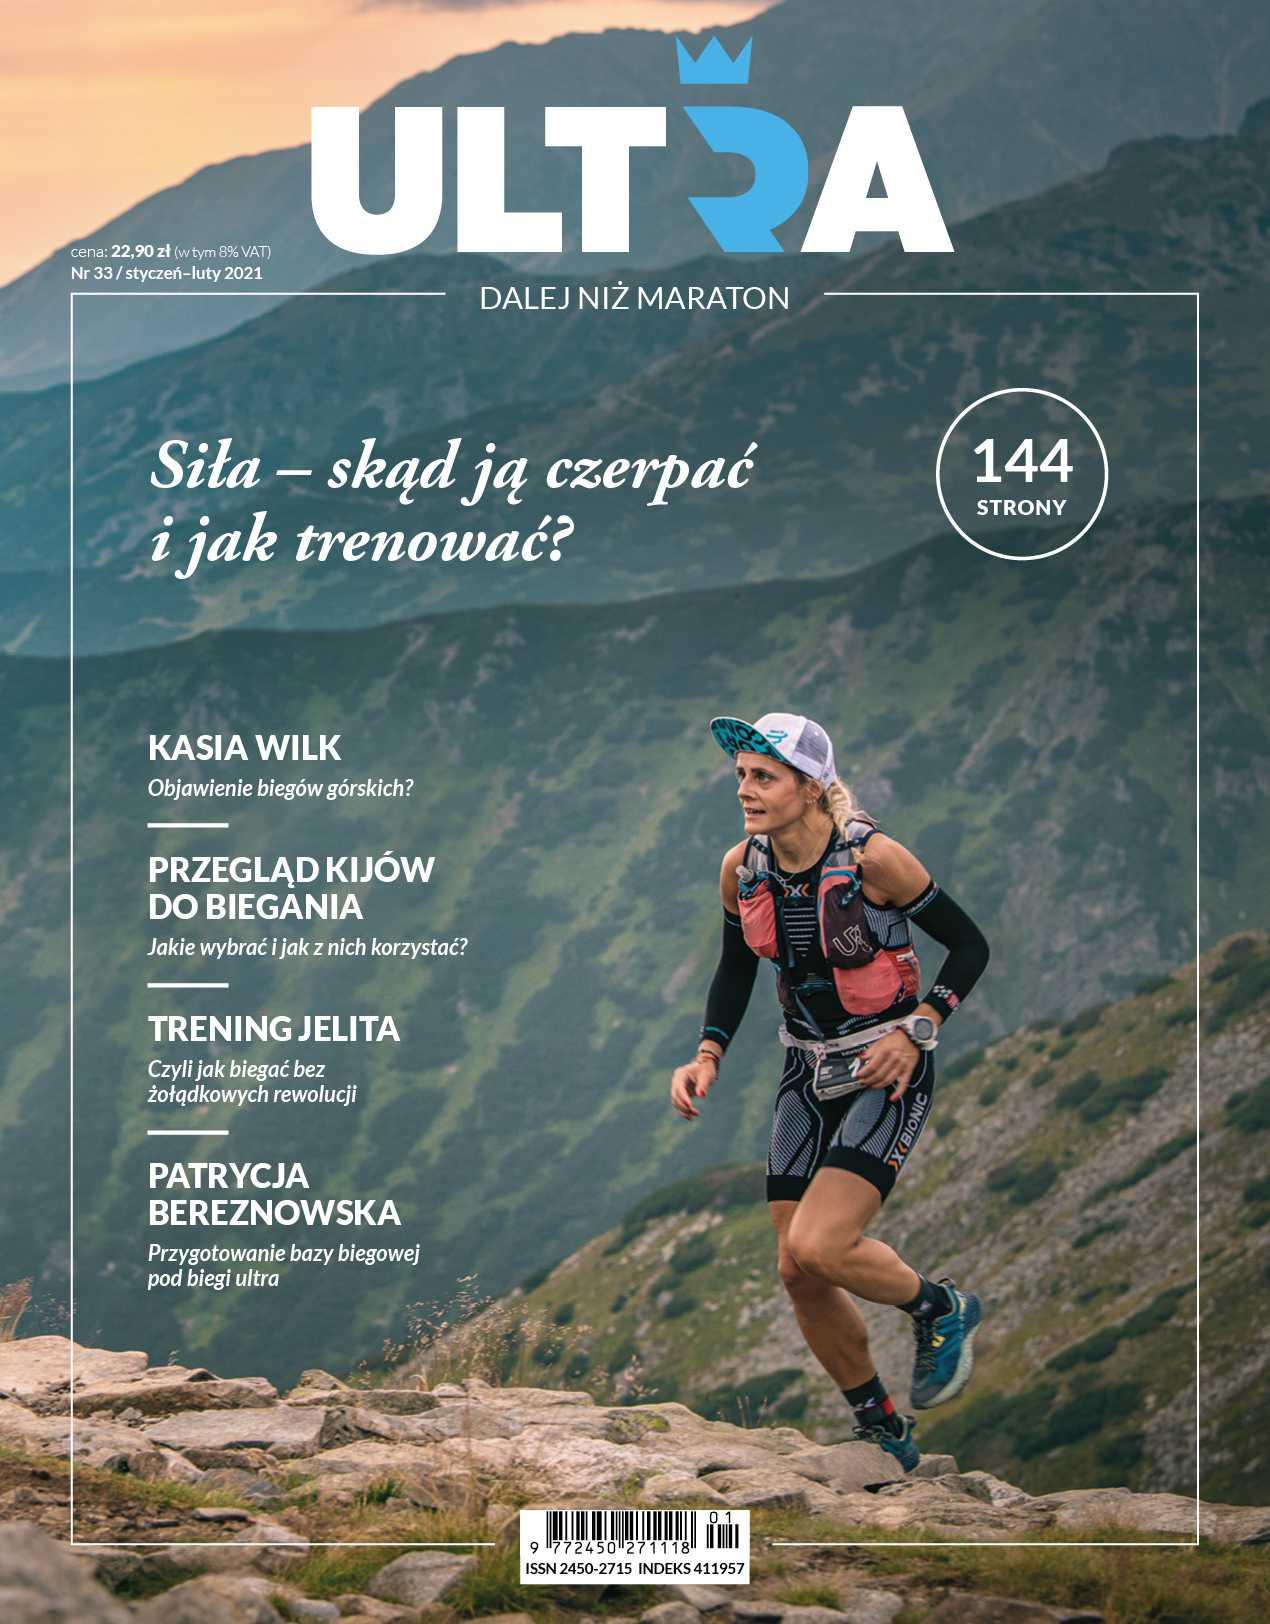 ULTRA - Dalej niż maraton 01/2021 - Ebook (Książka PDF) do pobrania w formacie PDF